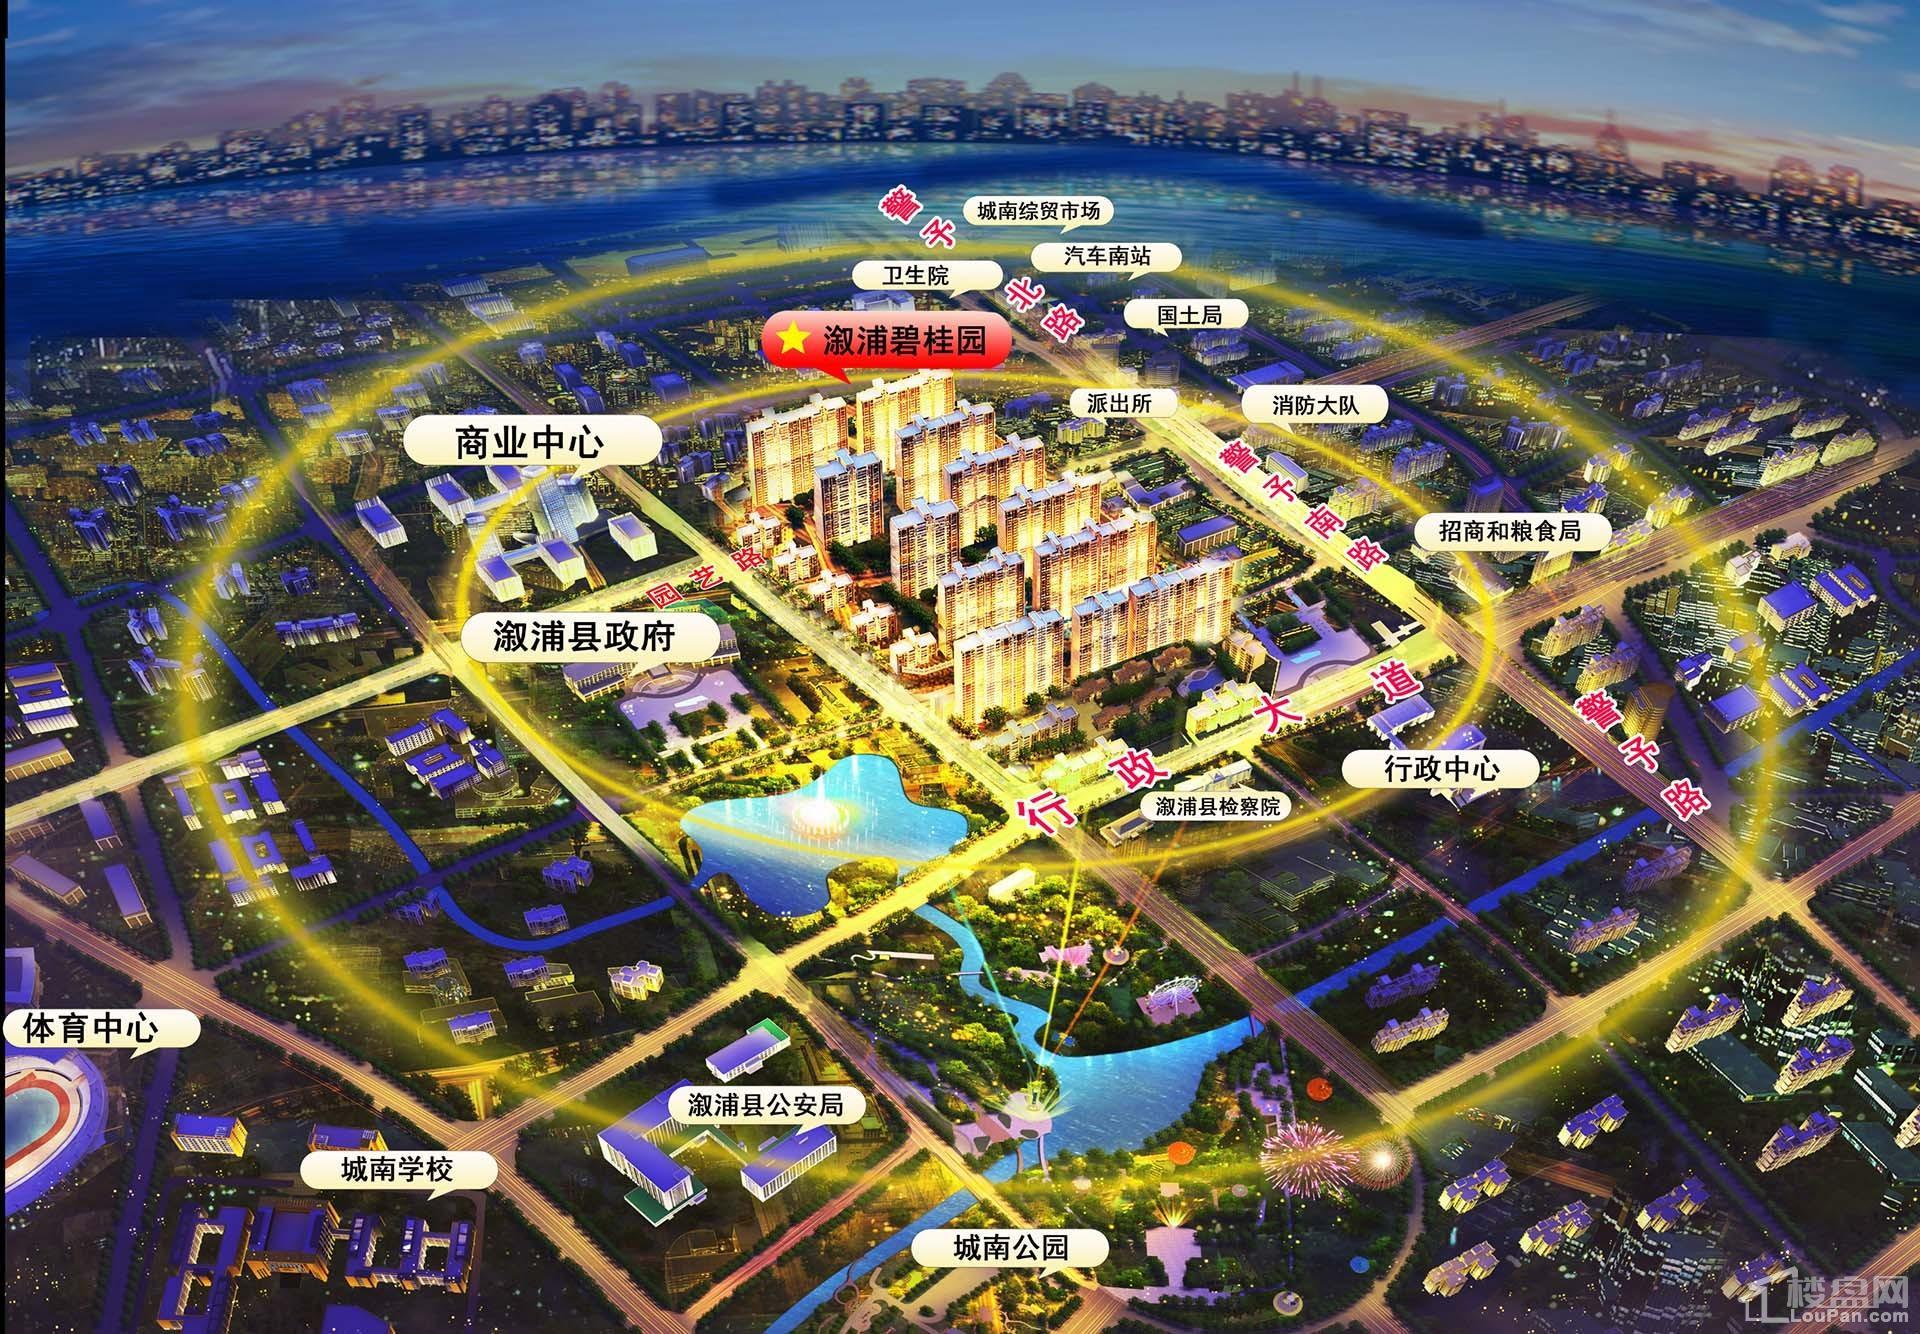 溆浦碧桂园商圈高清图